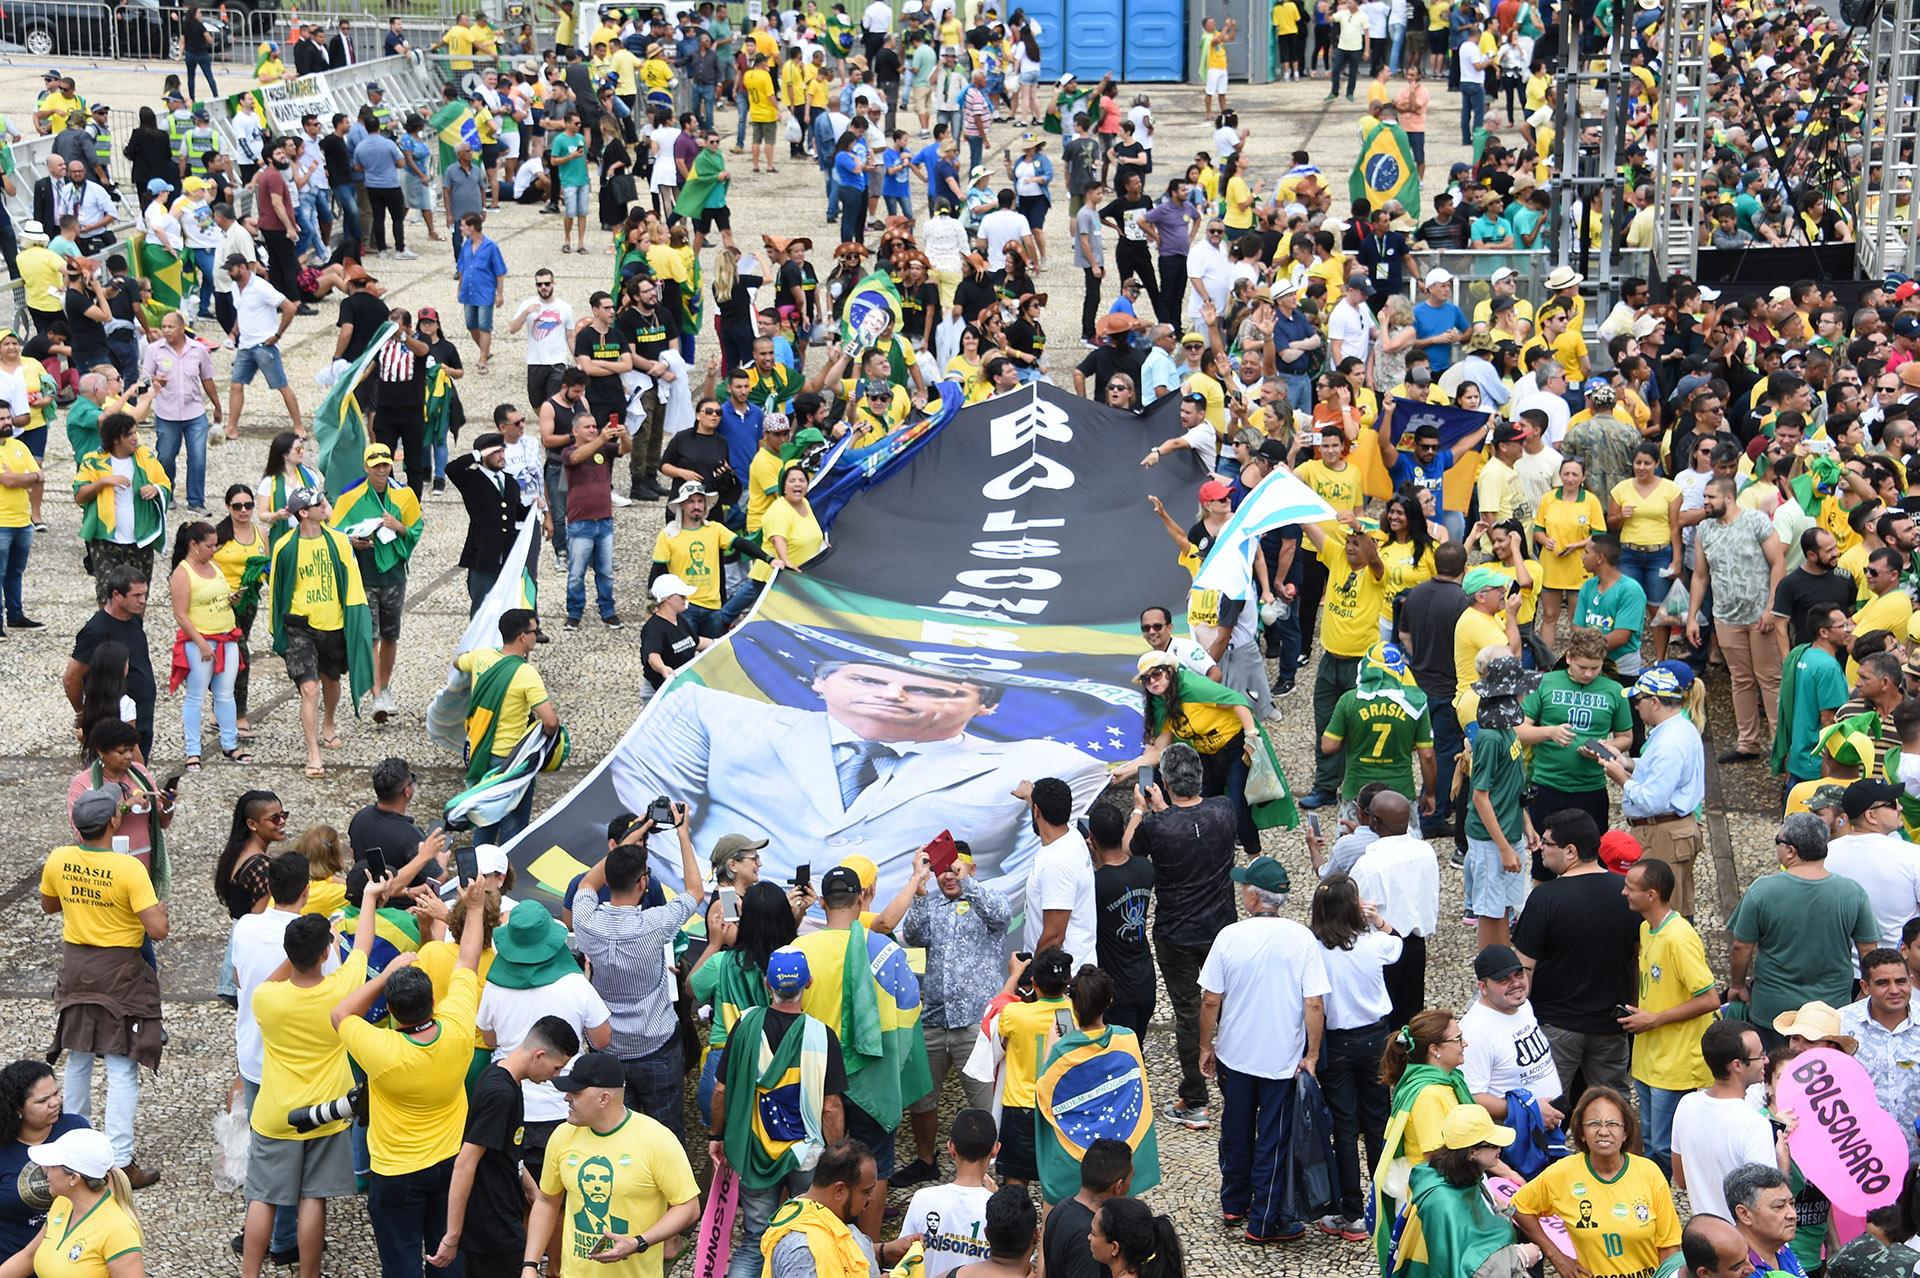 Se espera que entre 250.000 y 500.000 personas asistan a la ceremonia (EVARISTO SA / AFP)